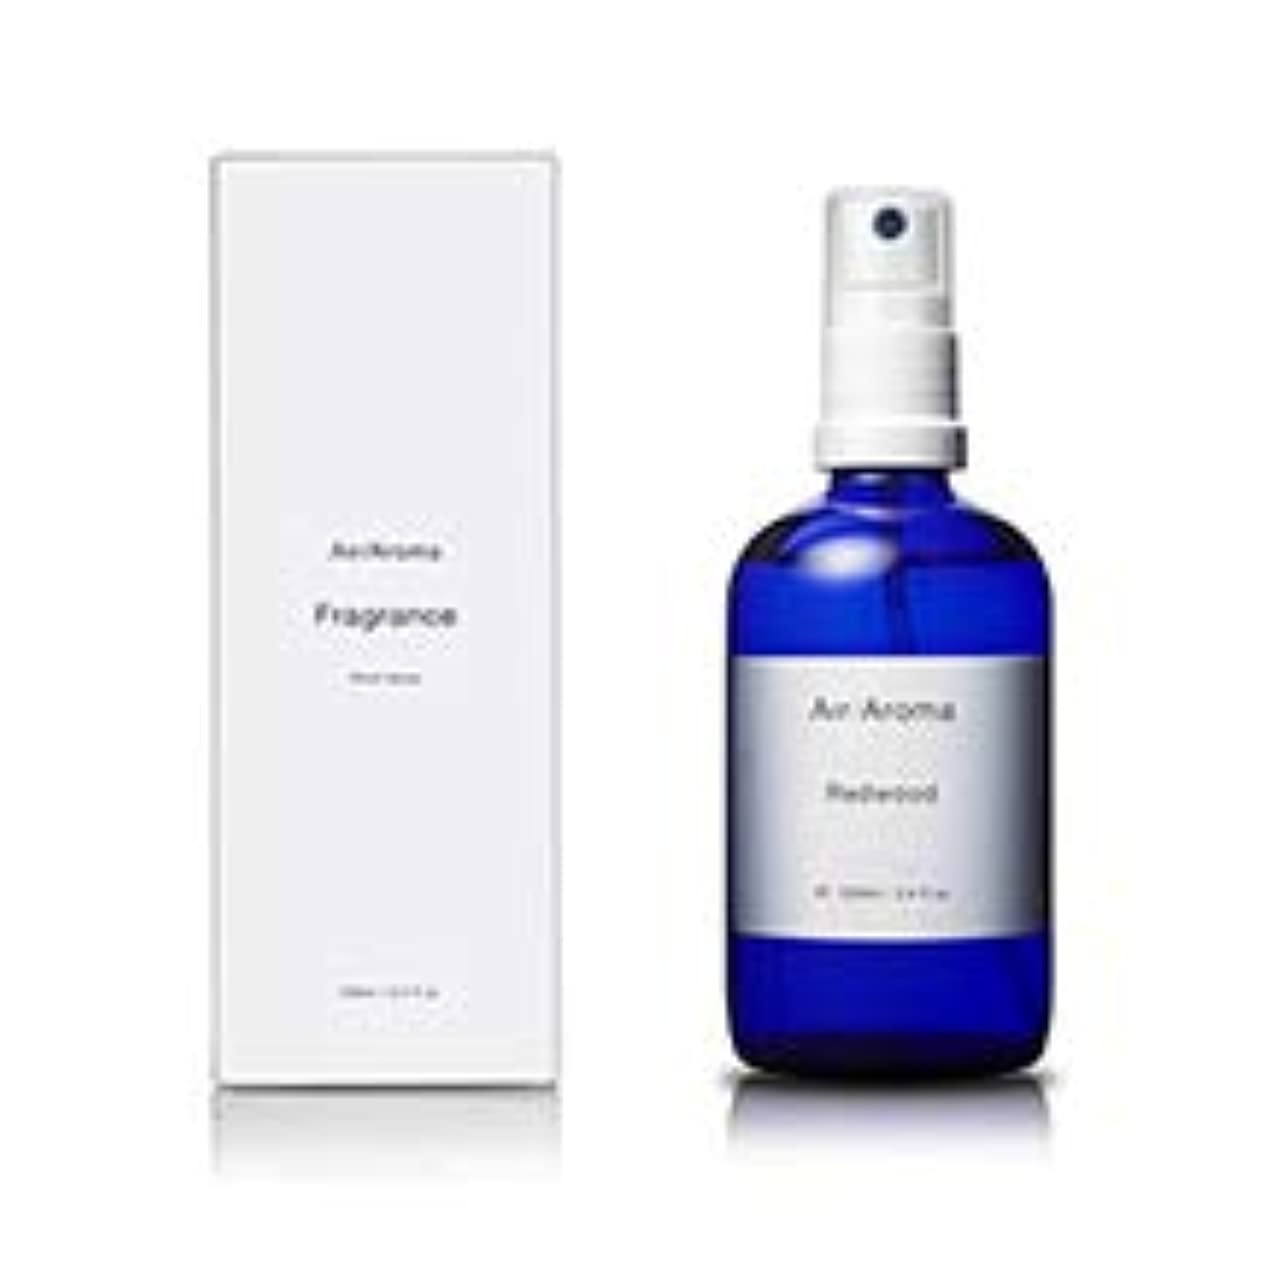 リサイクルする開発甘くするエアアロマ redwood room fragrance (レッドウッド ルームフレグランス) 100ml